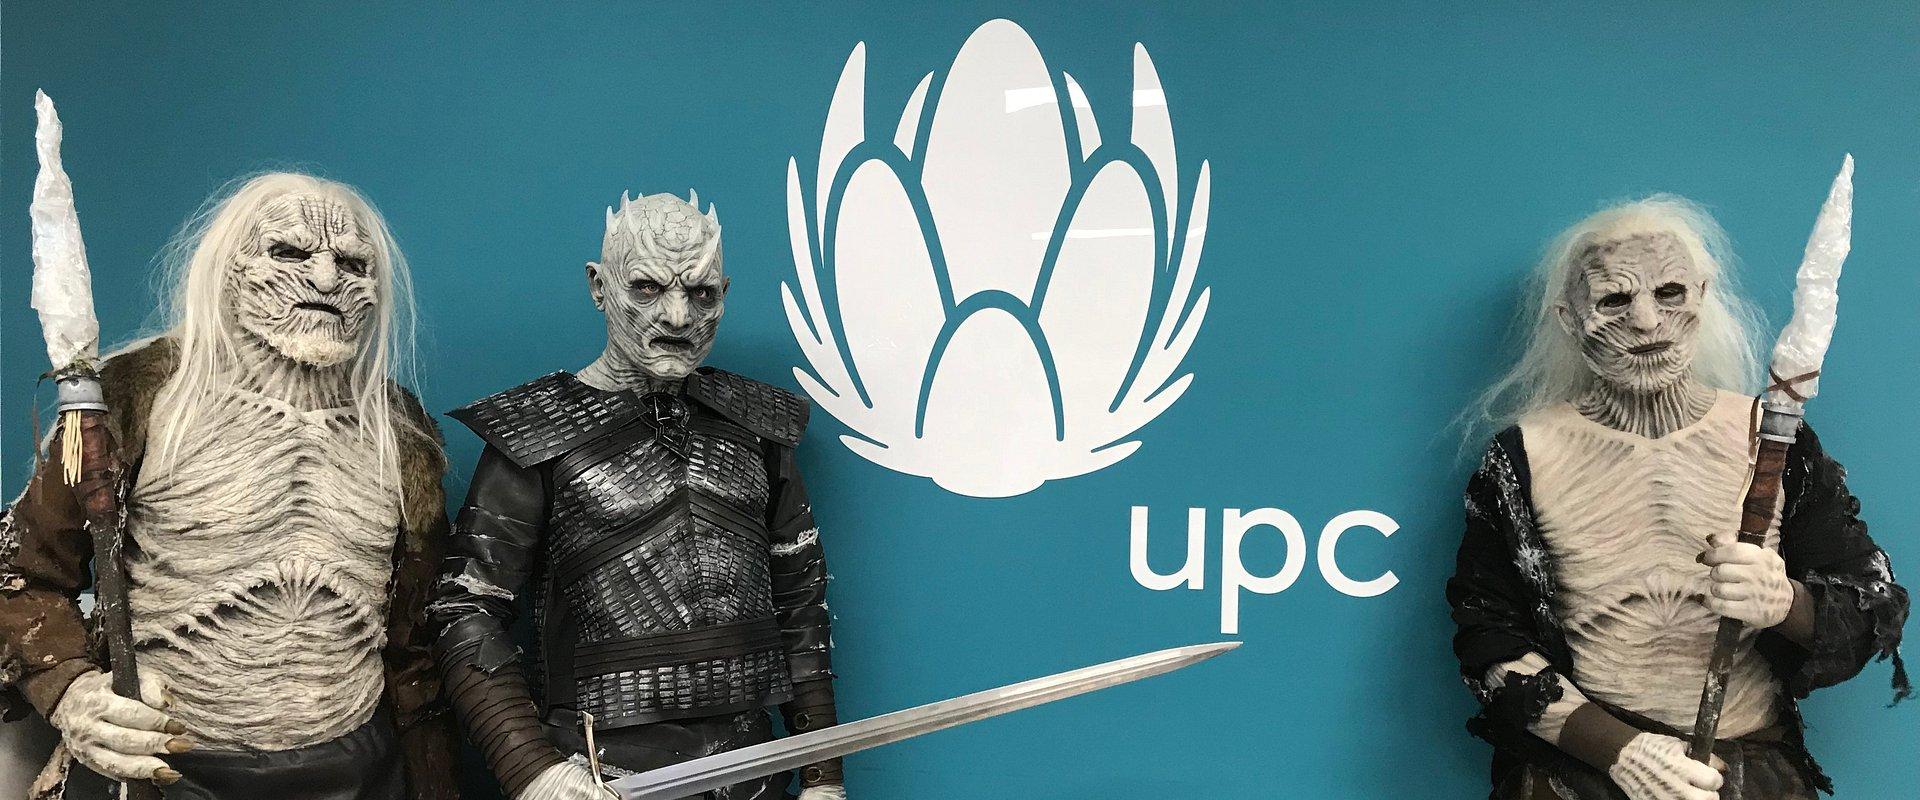 UPC Polska partnerem akcji Bleed For The Throne, organizowanej przez HBO